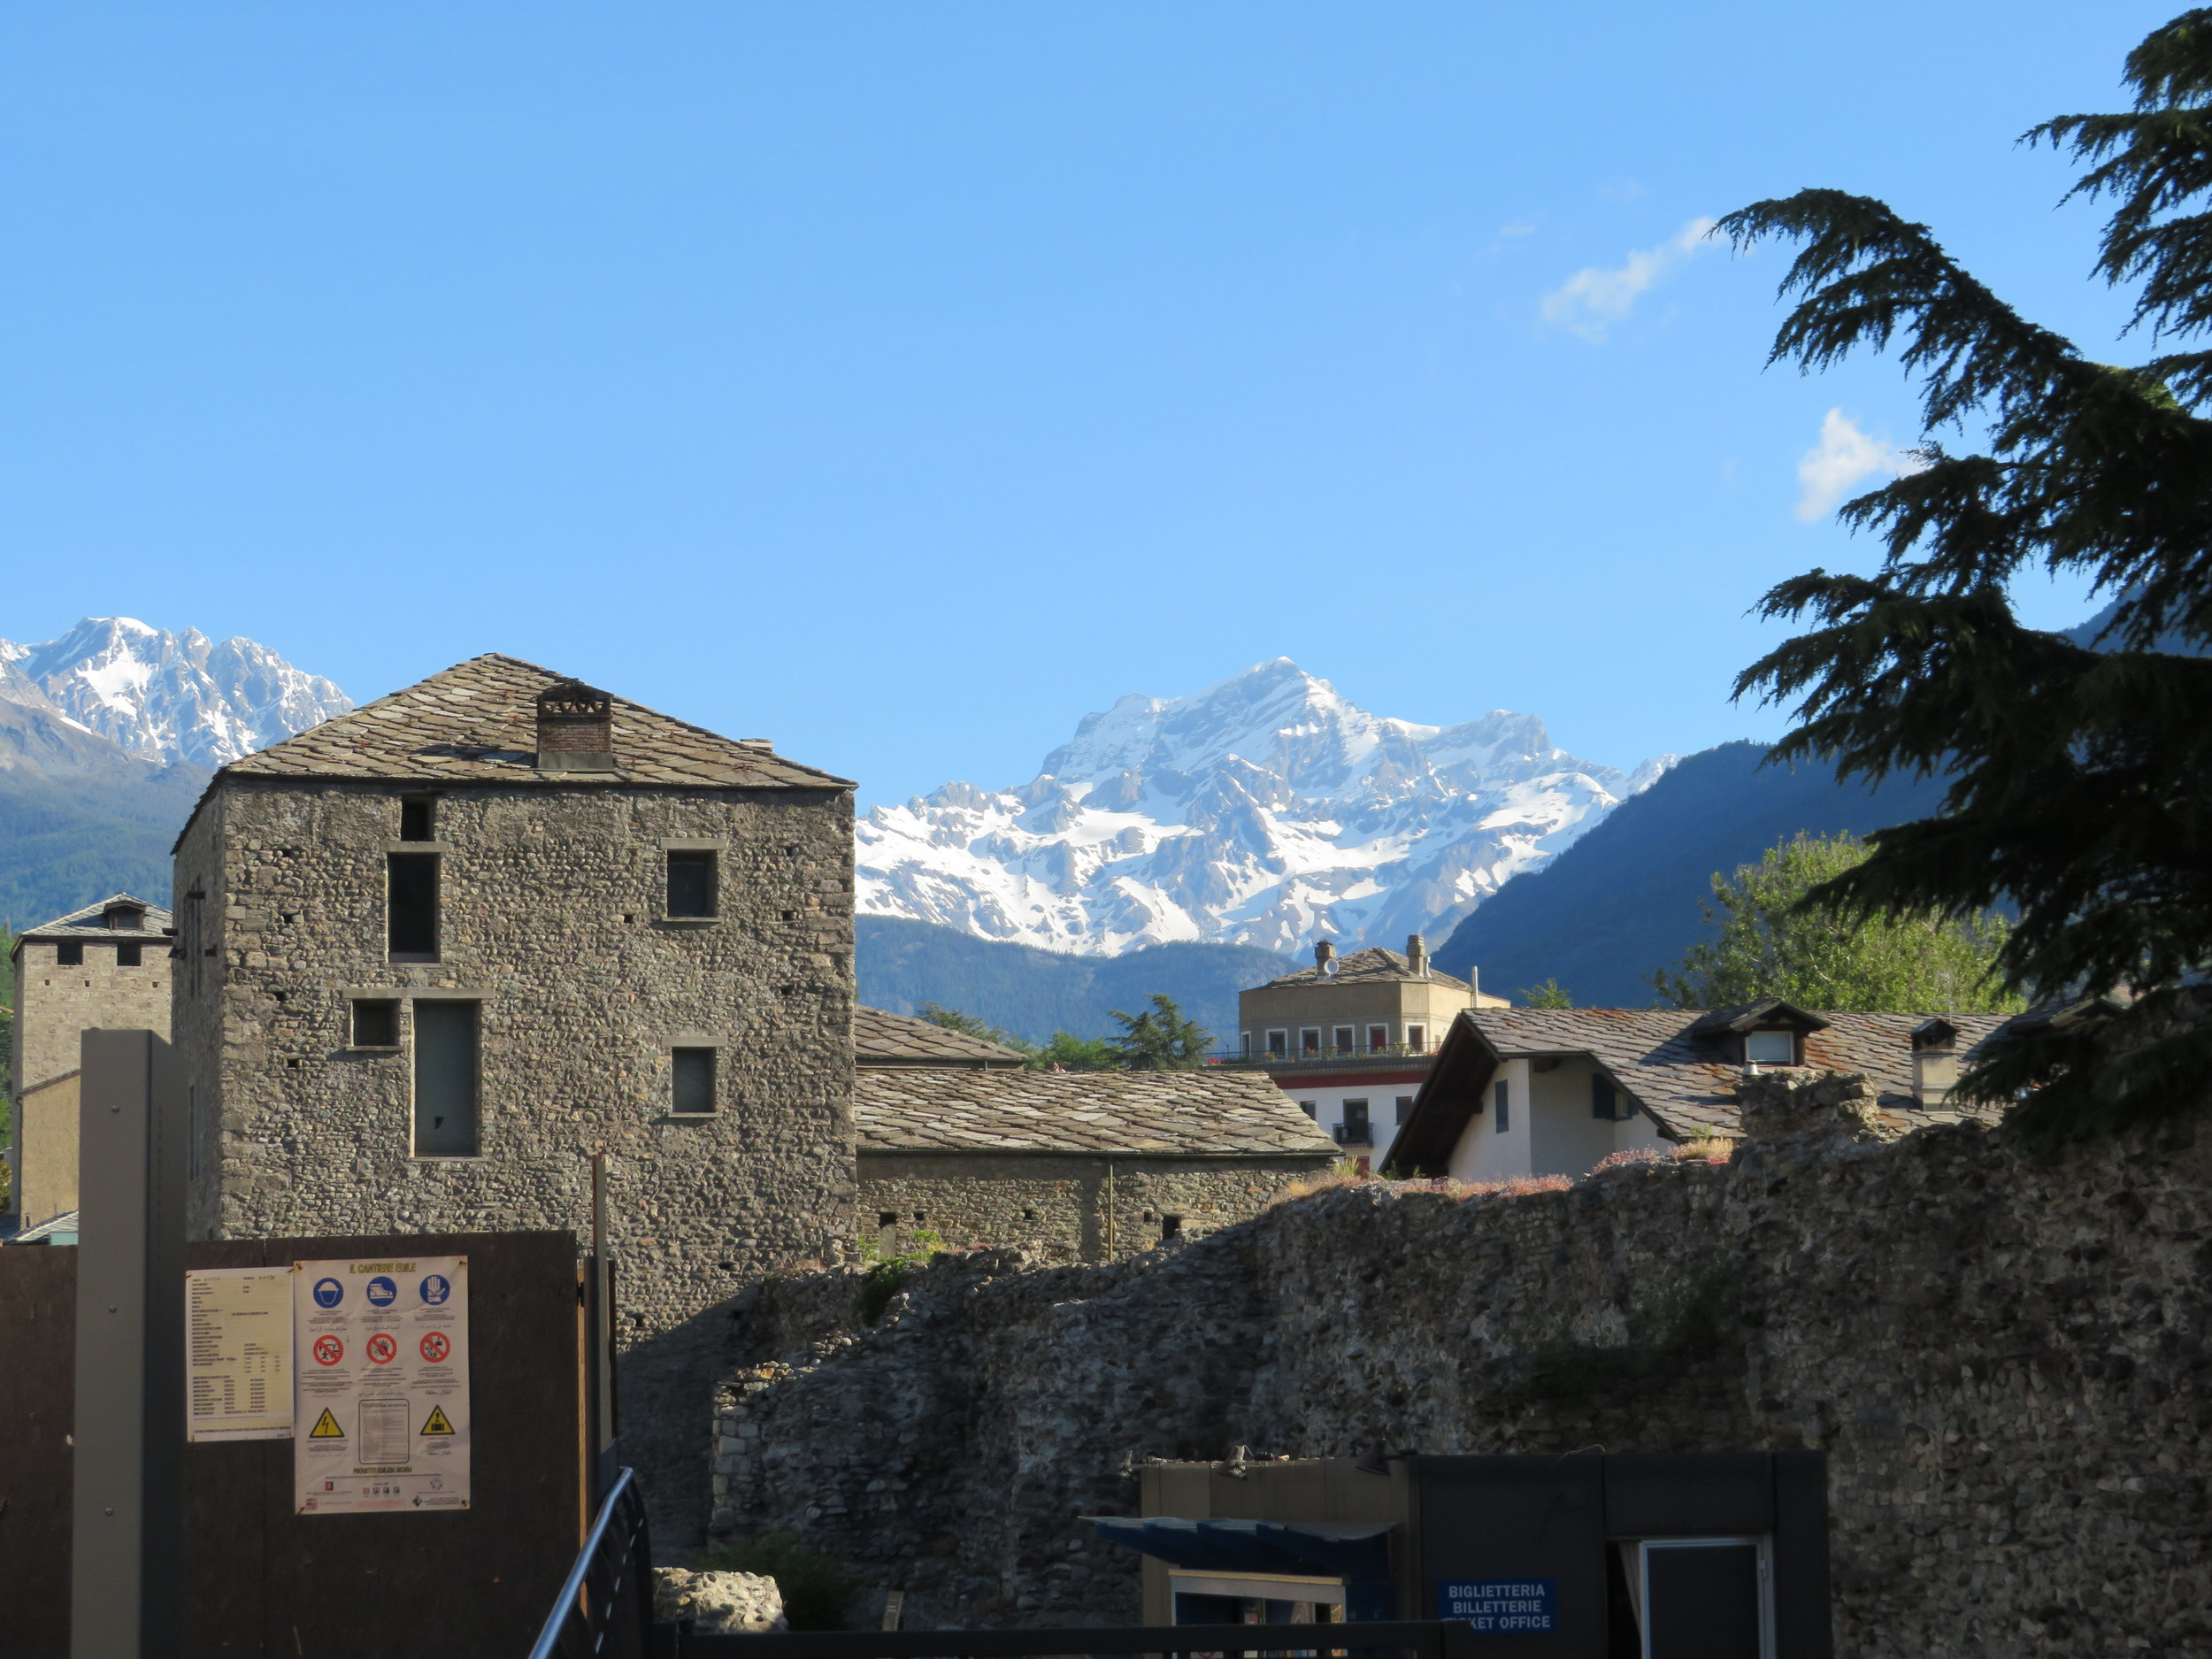 Aosta - gateway to the Italian Alps